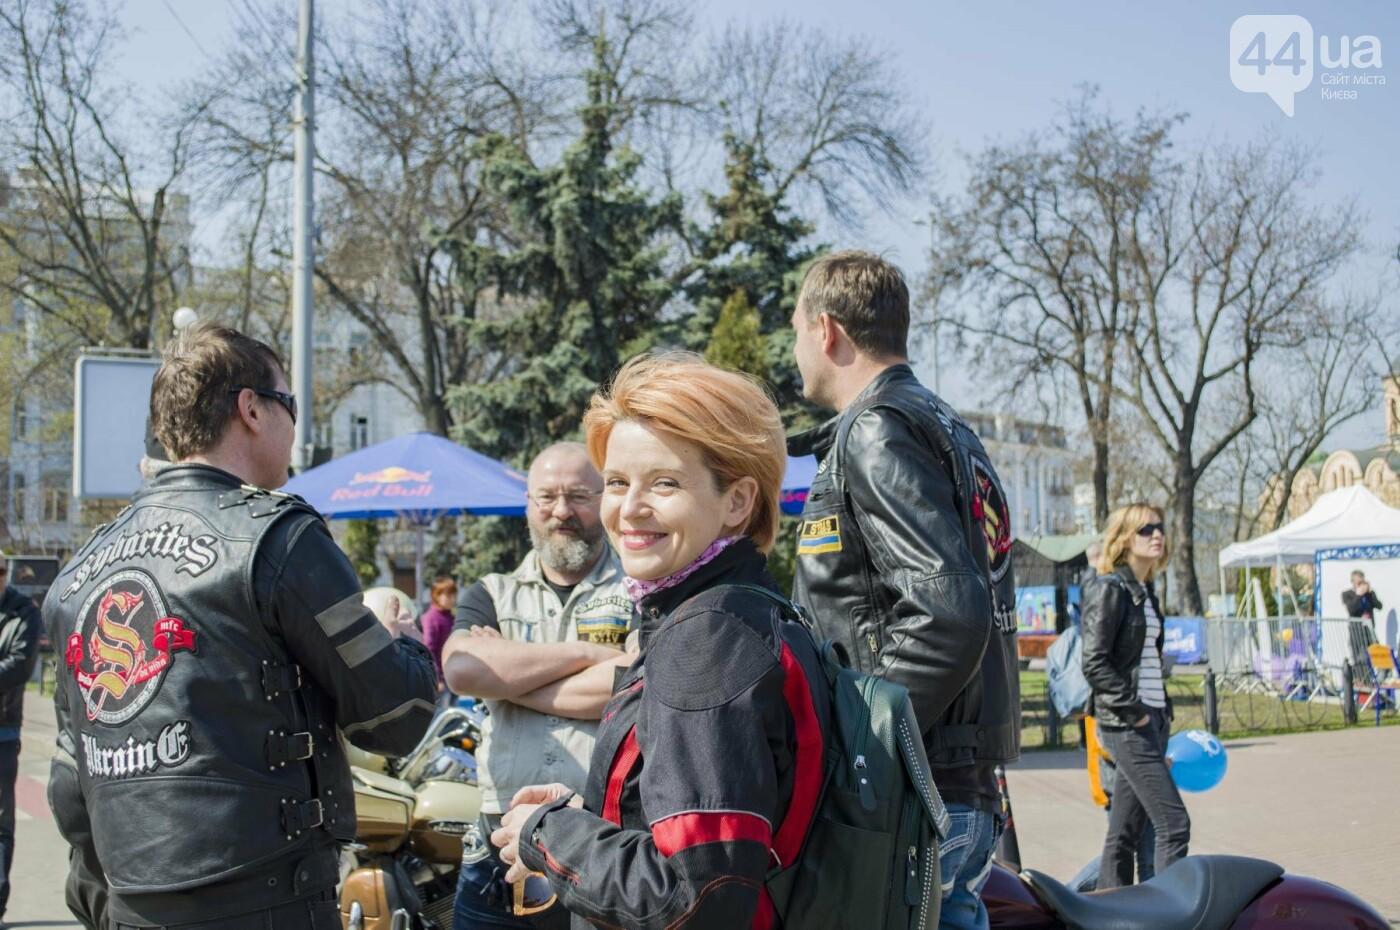 Мотогонки, автошоу патрульных и мощный дрифт: на Подоле проходит масштабный фестиваль драйва, фото-6